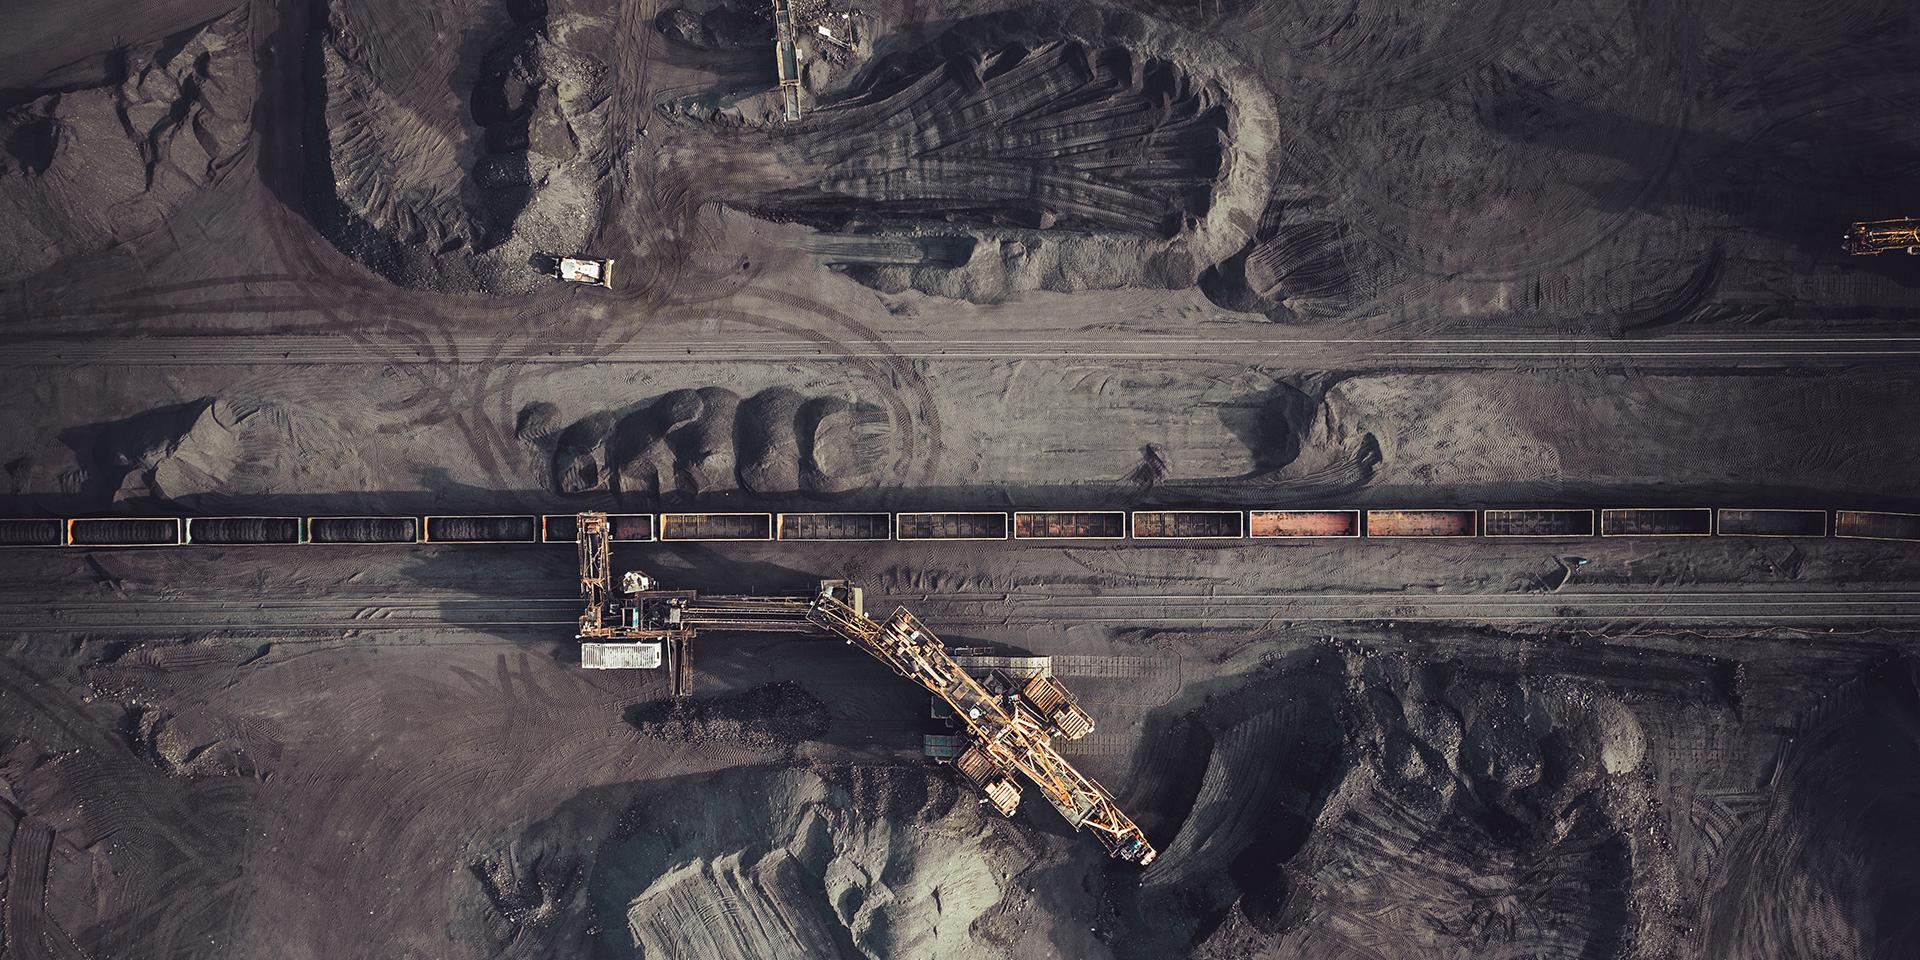 ¿Cómo Aumentar La Eficiencia En La Industria Minera?